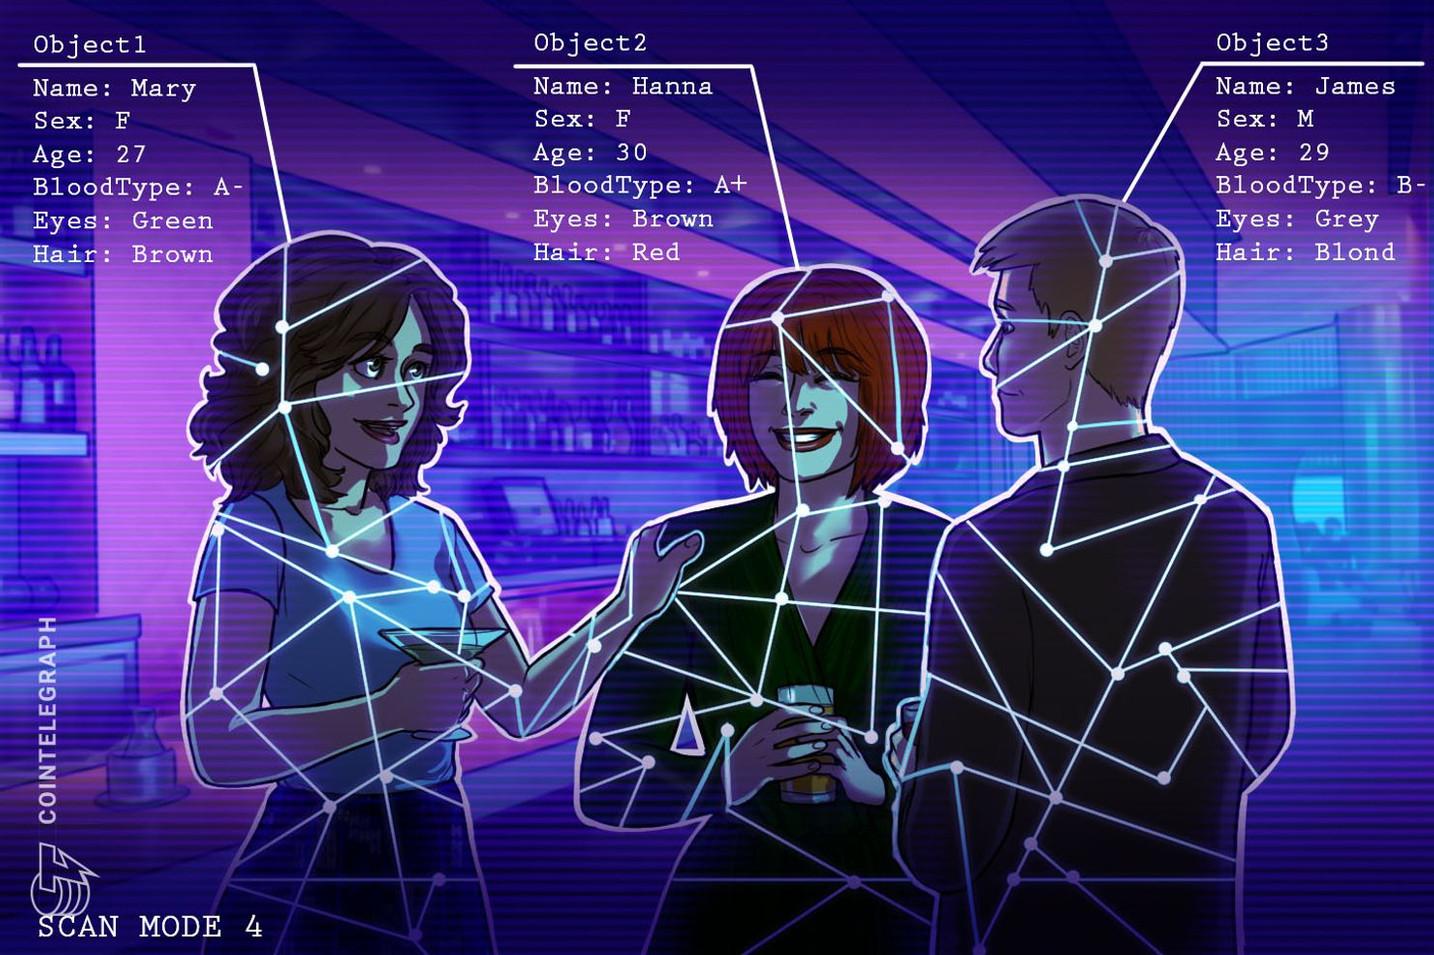 ブロックチェーン技術で個人情報管理 ソフトバンクがワーキンググループ設立